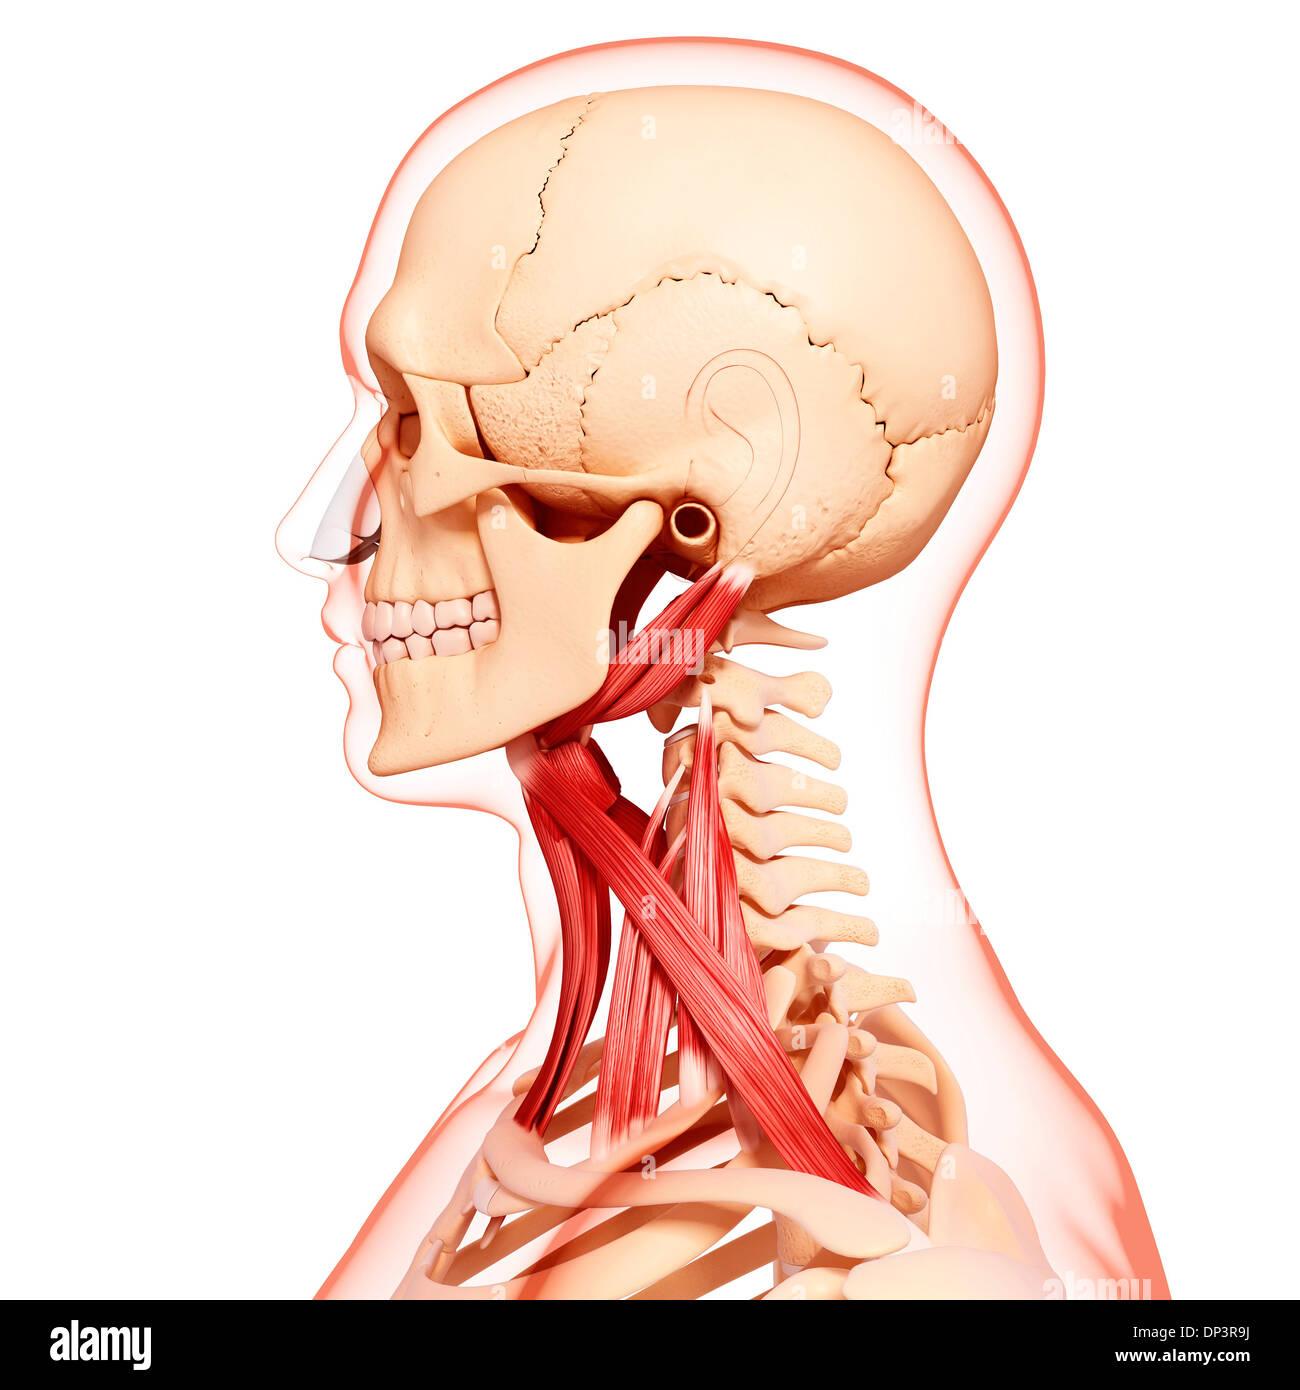 Sternothyroid Stockfotos & Sternothyroid Bilder - Alamy